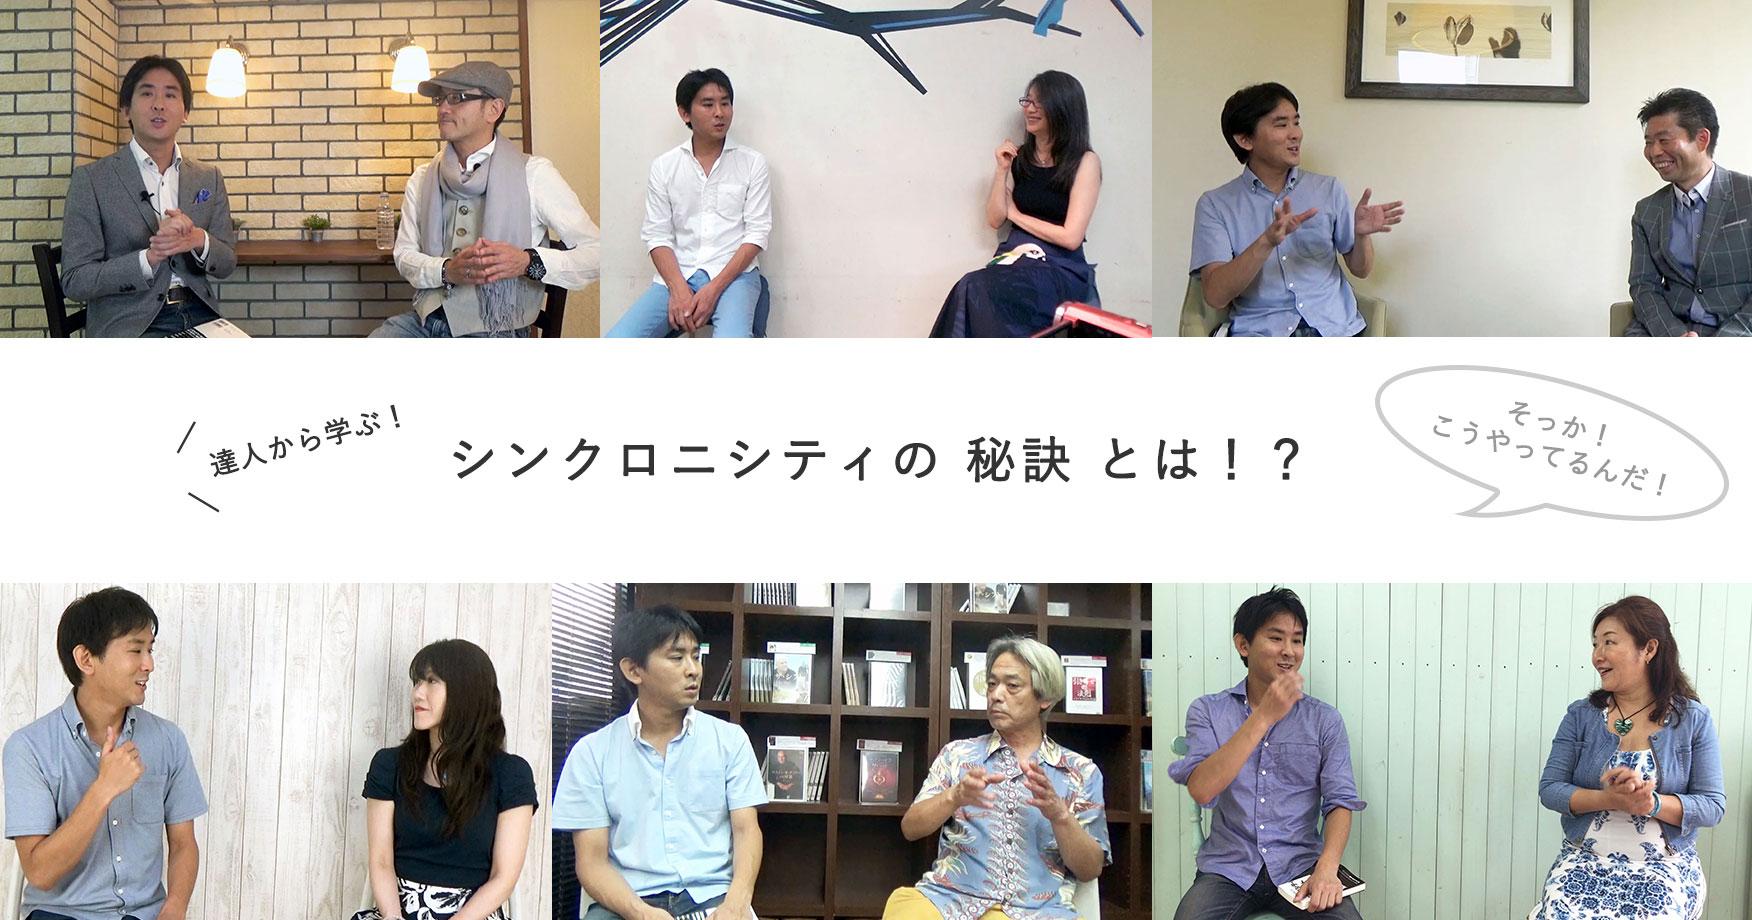 達人に学ぶ!「シンクロニシティ」の秘訣とは!?